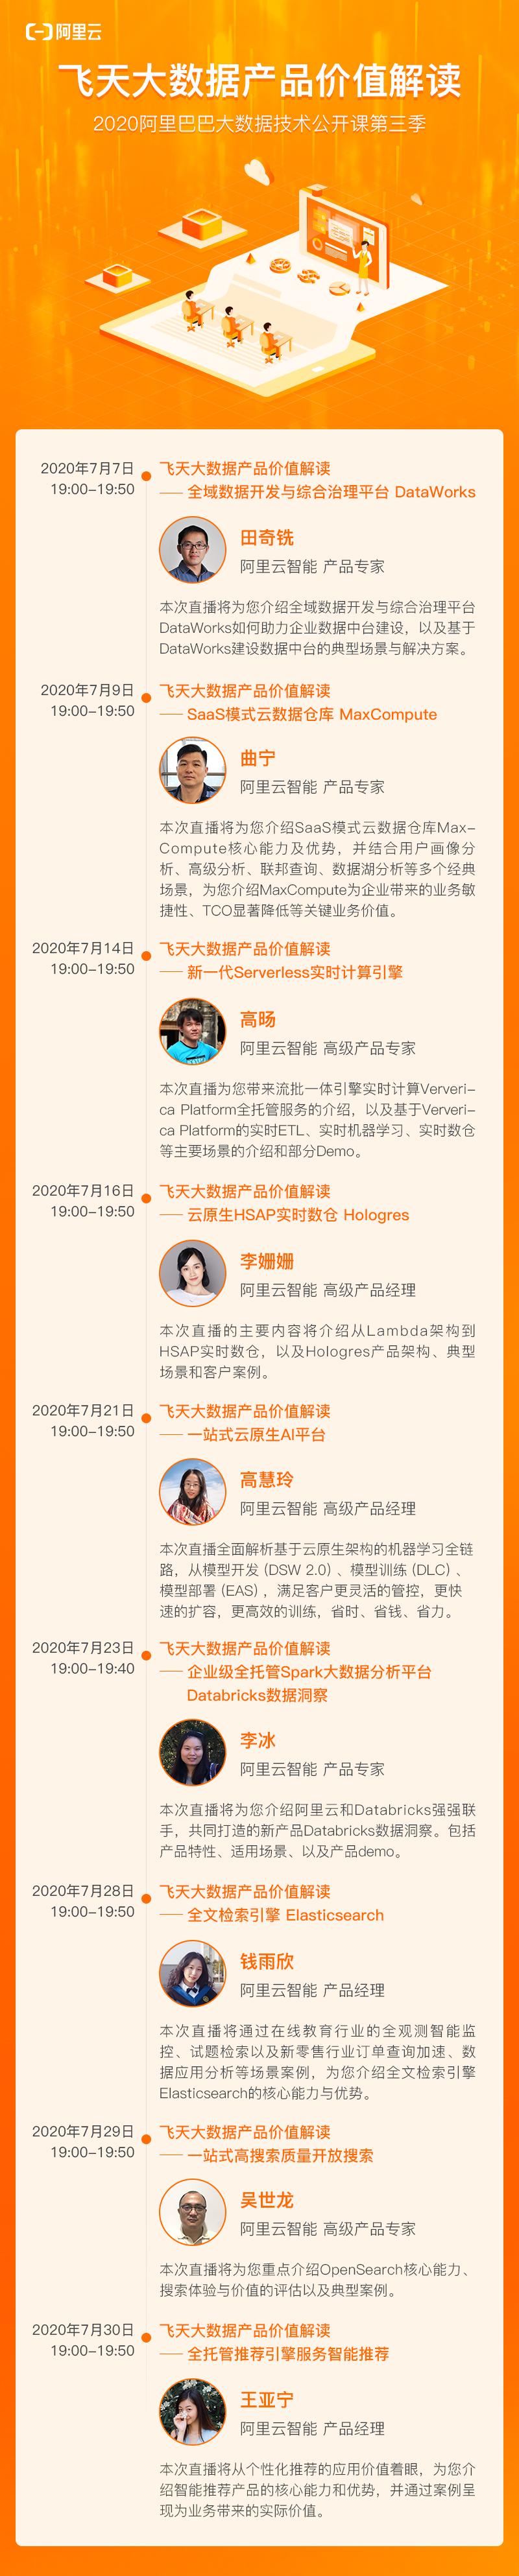 海报长图(无二维码).jpg